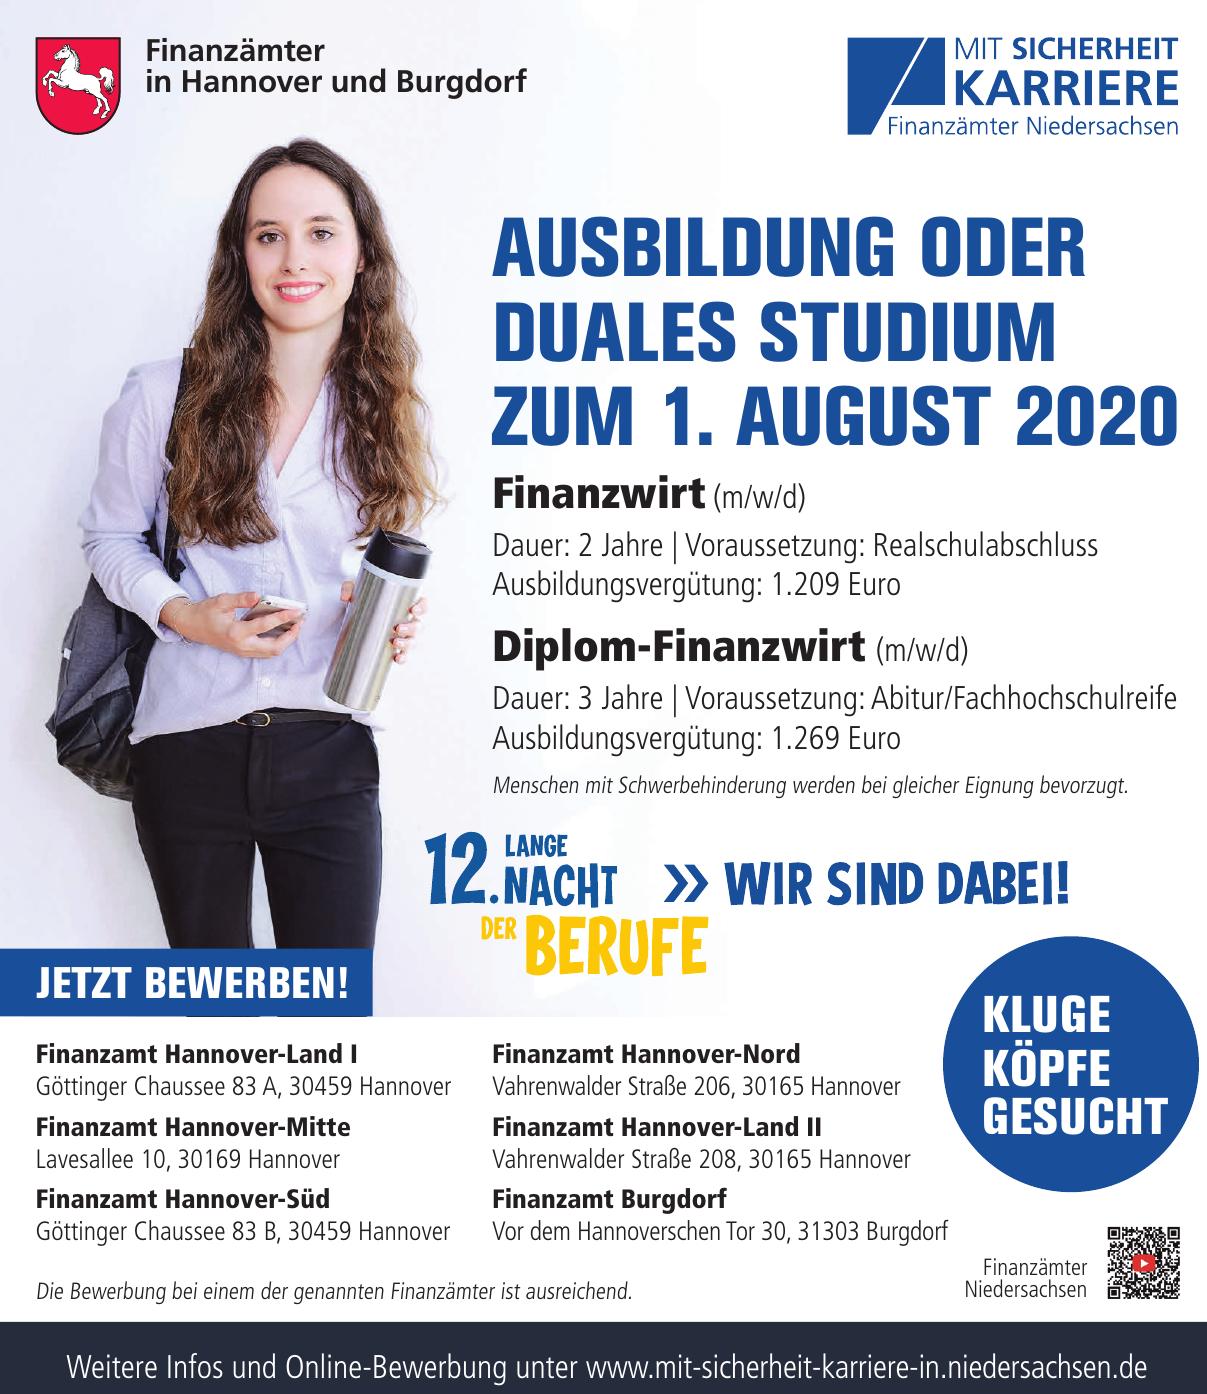 Finanzamt Hannover-Land I